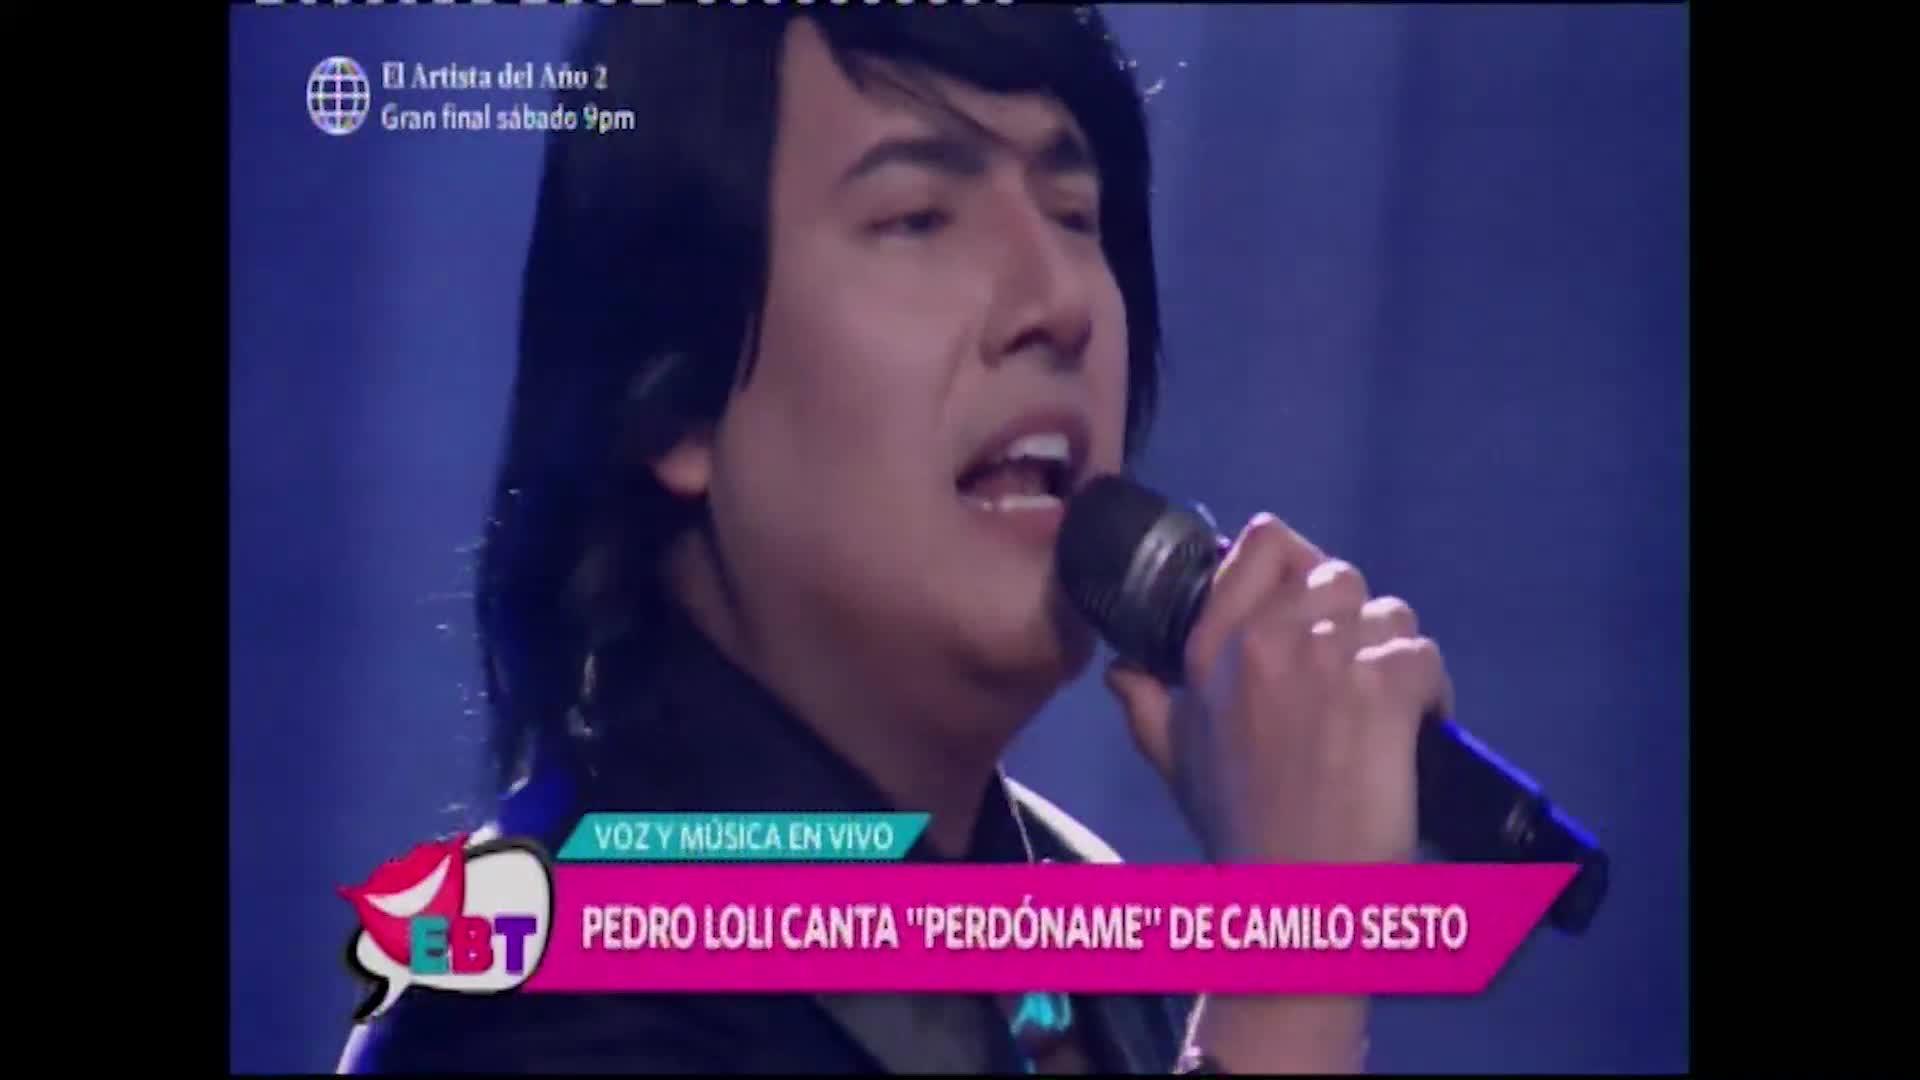 Pedro Loli sorprende con su interpretación de Camilo Sesto